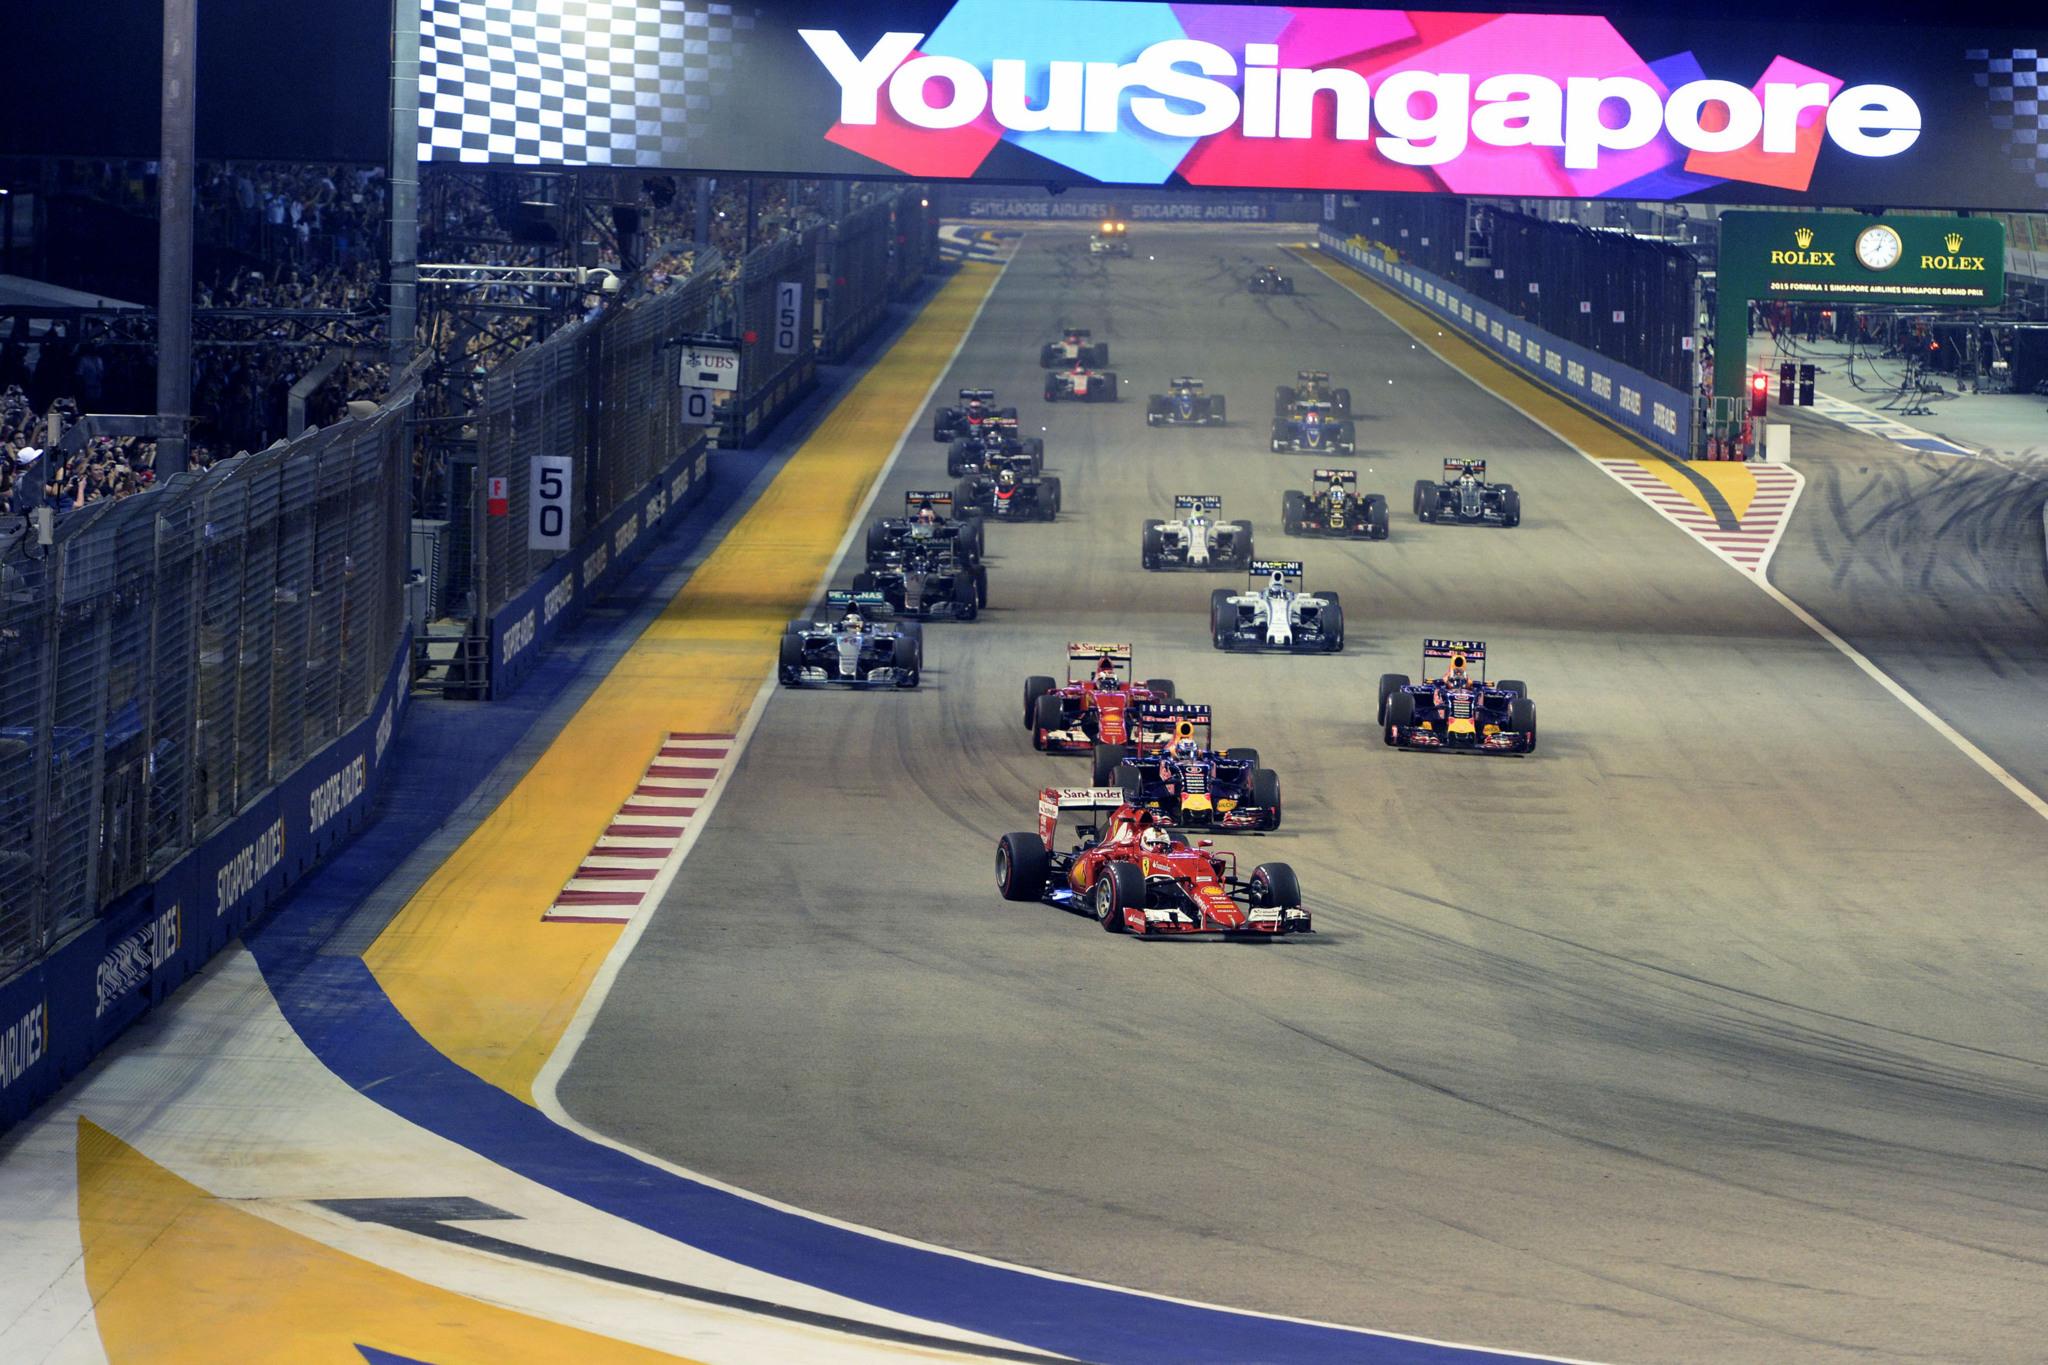 Circuito Singapur : Gp singapur f1 2016: los datos del gran premio de singapur marca.com